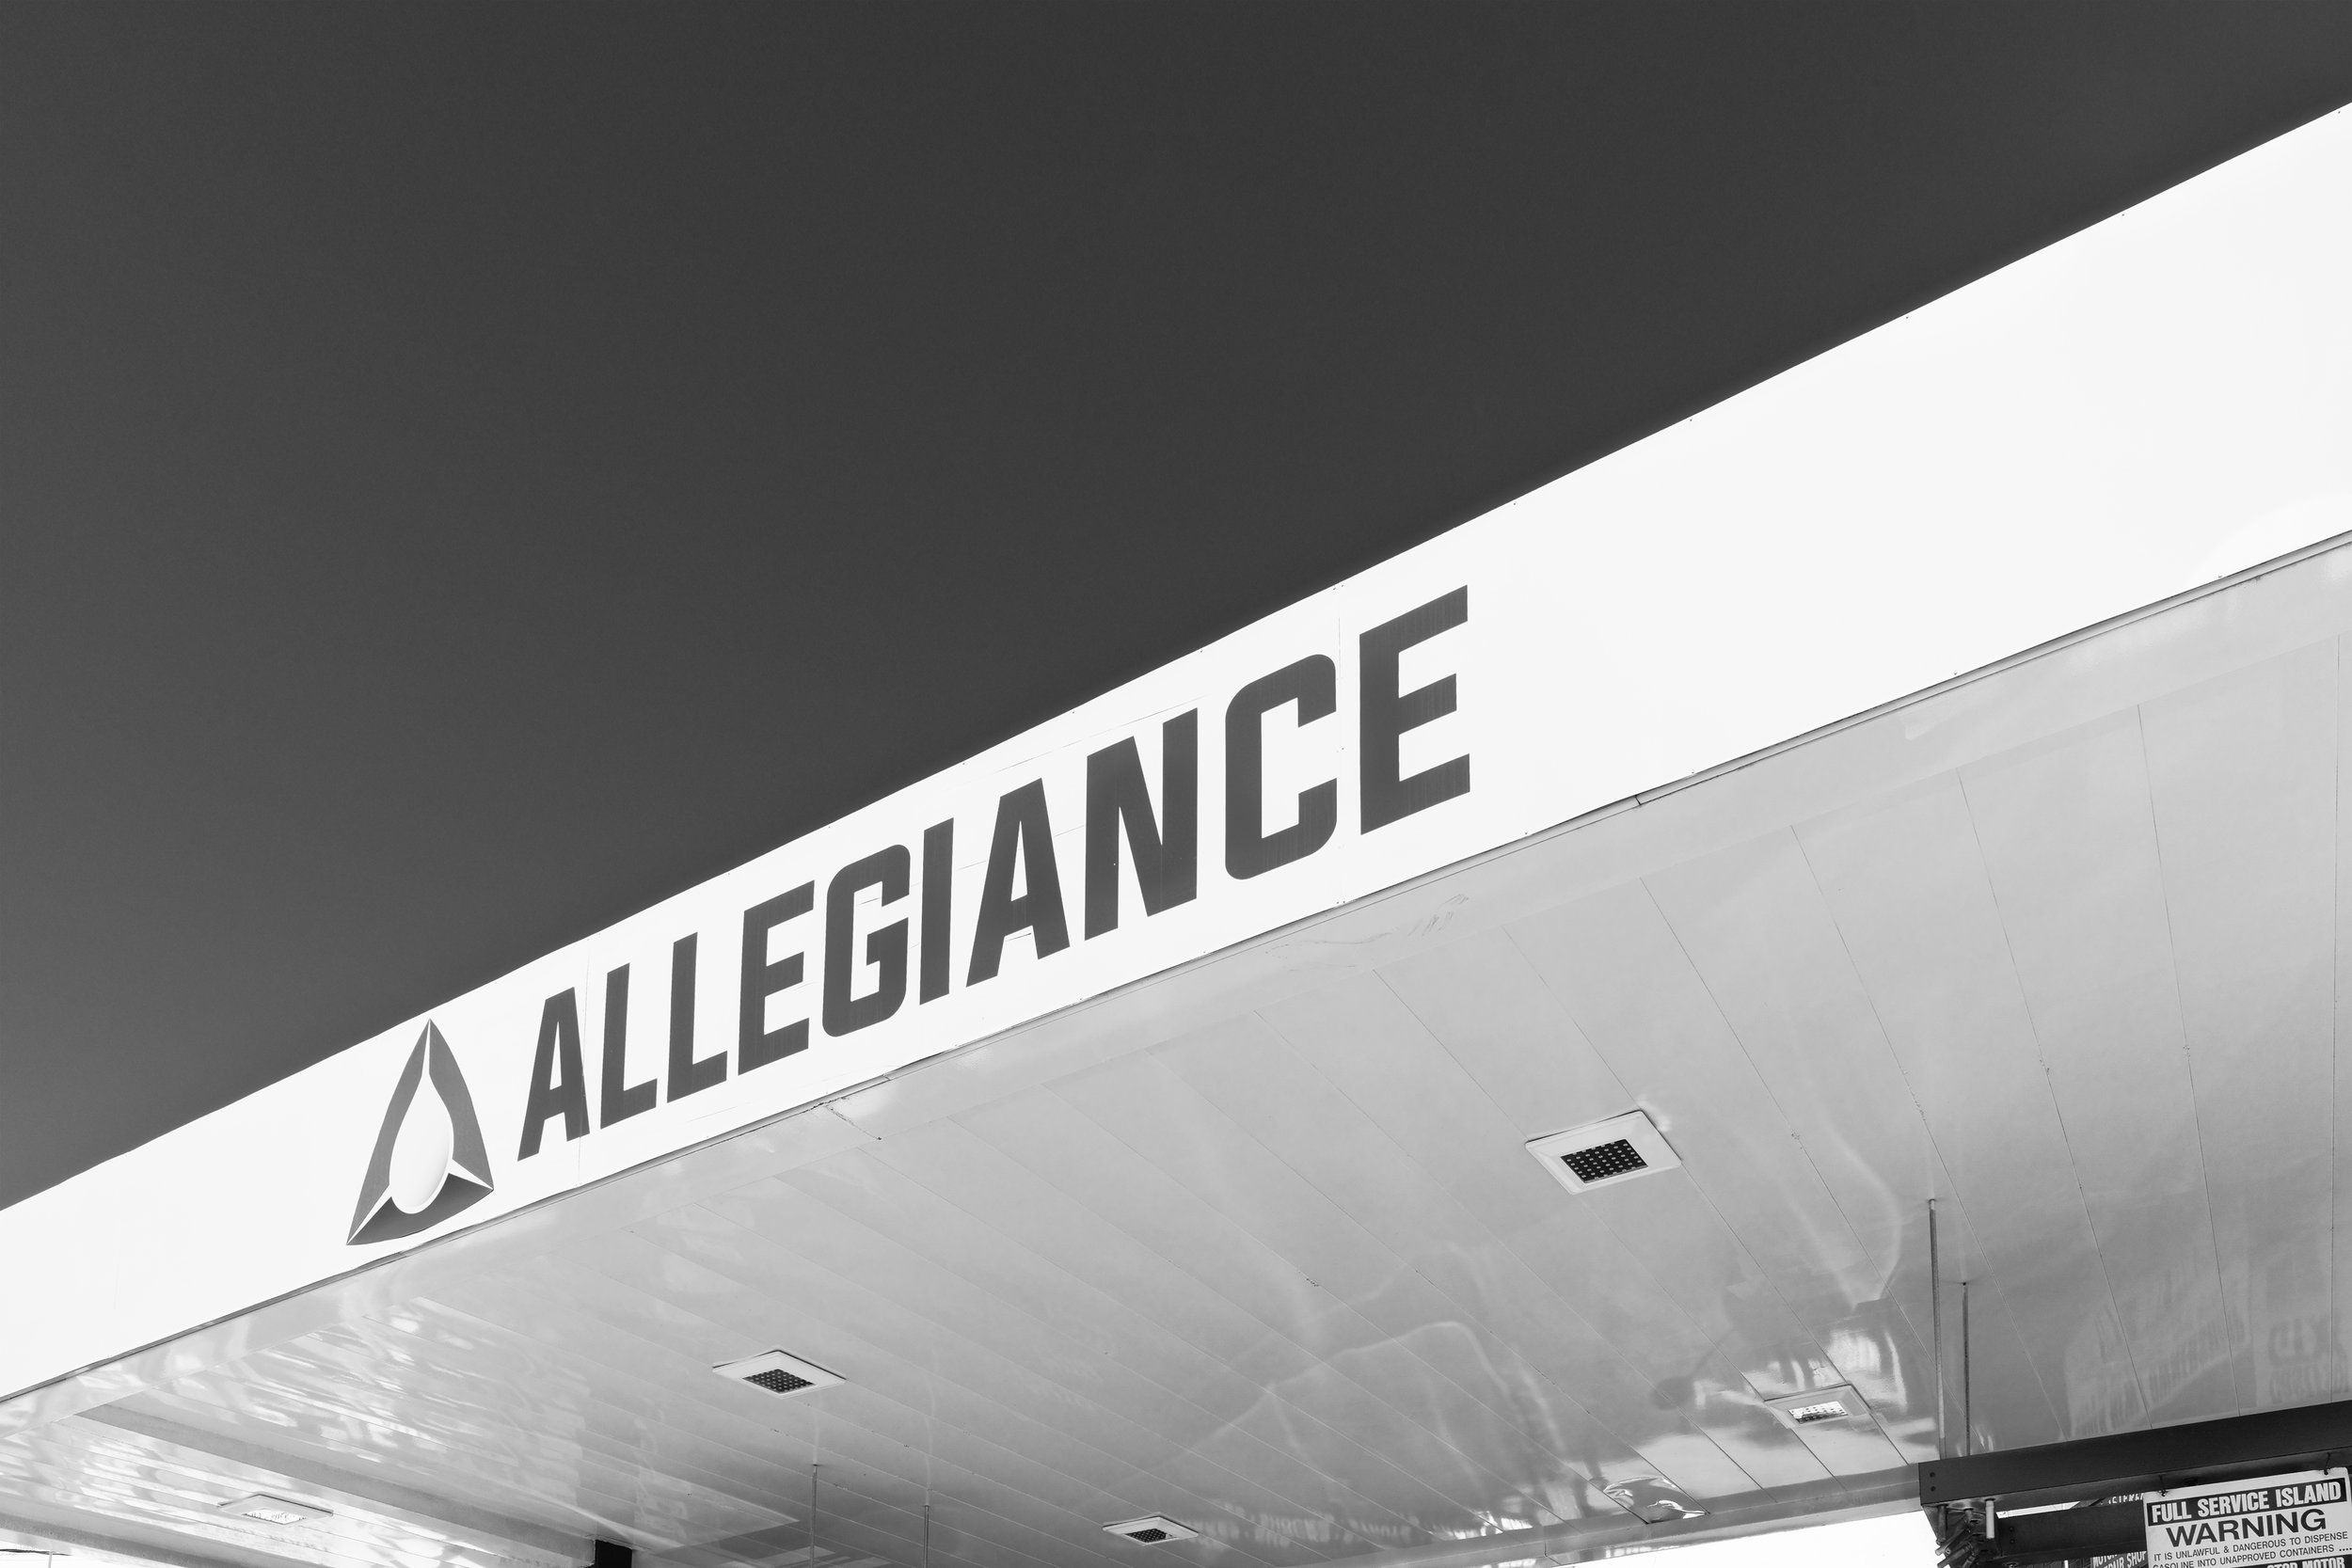 Allegiance2941-merged.jpg